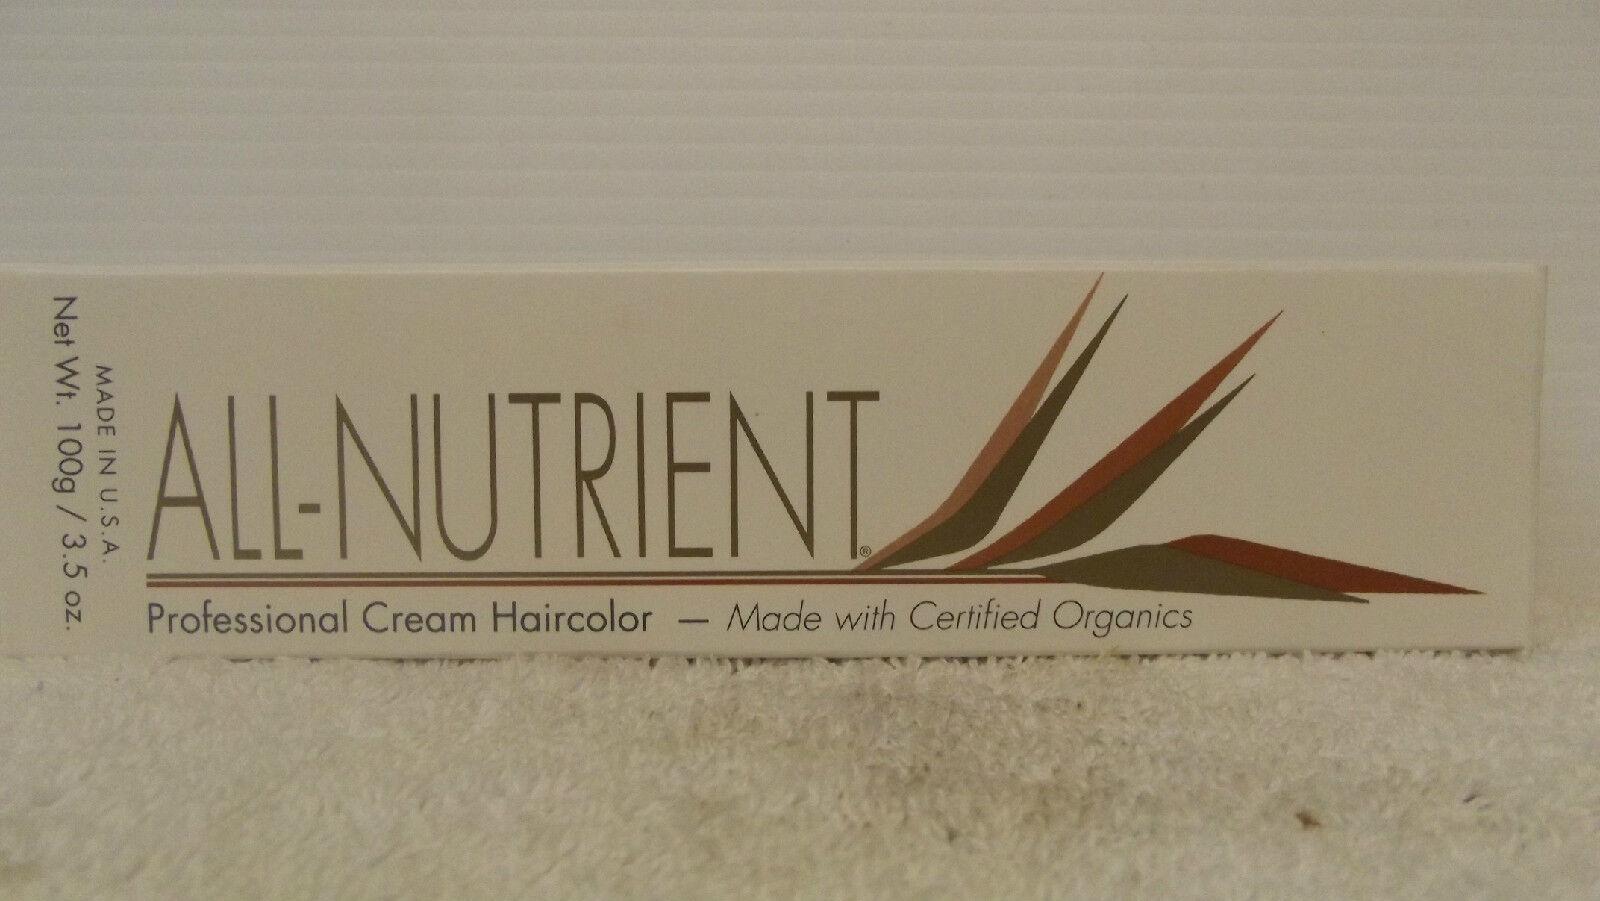 All Nutrient Professionell Creme Haarfarbe W / Botanisch Extrakte ~ 104ml (0 -